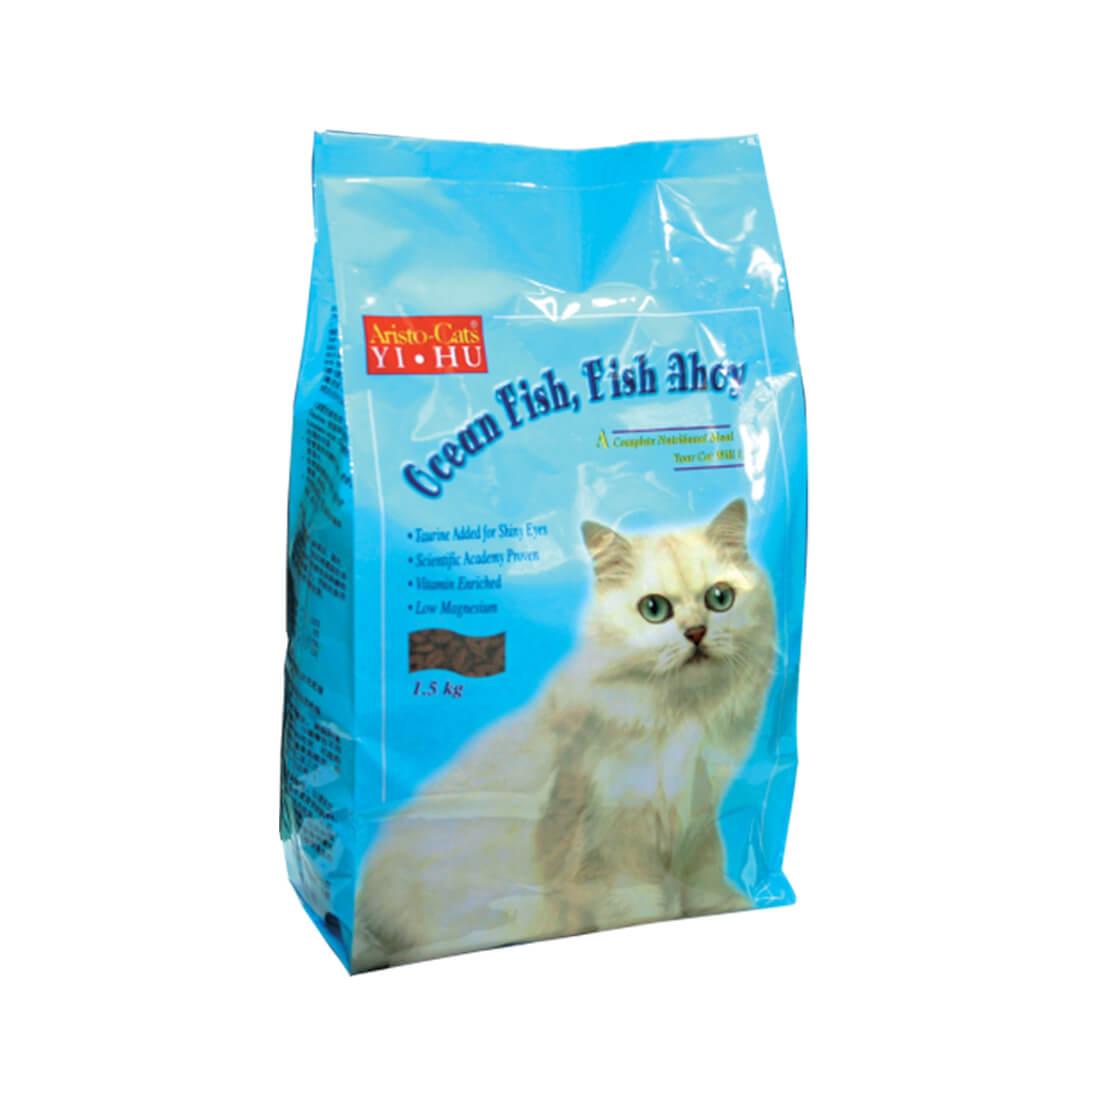 Aristo Cats Yi Hu Cat Dry Food Ocean Fish Fish Ahoy 1 5 Kg